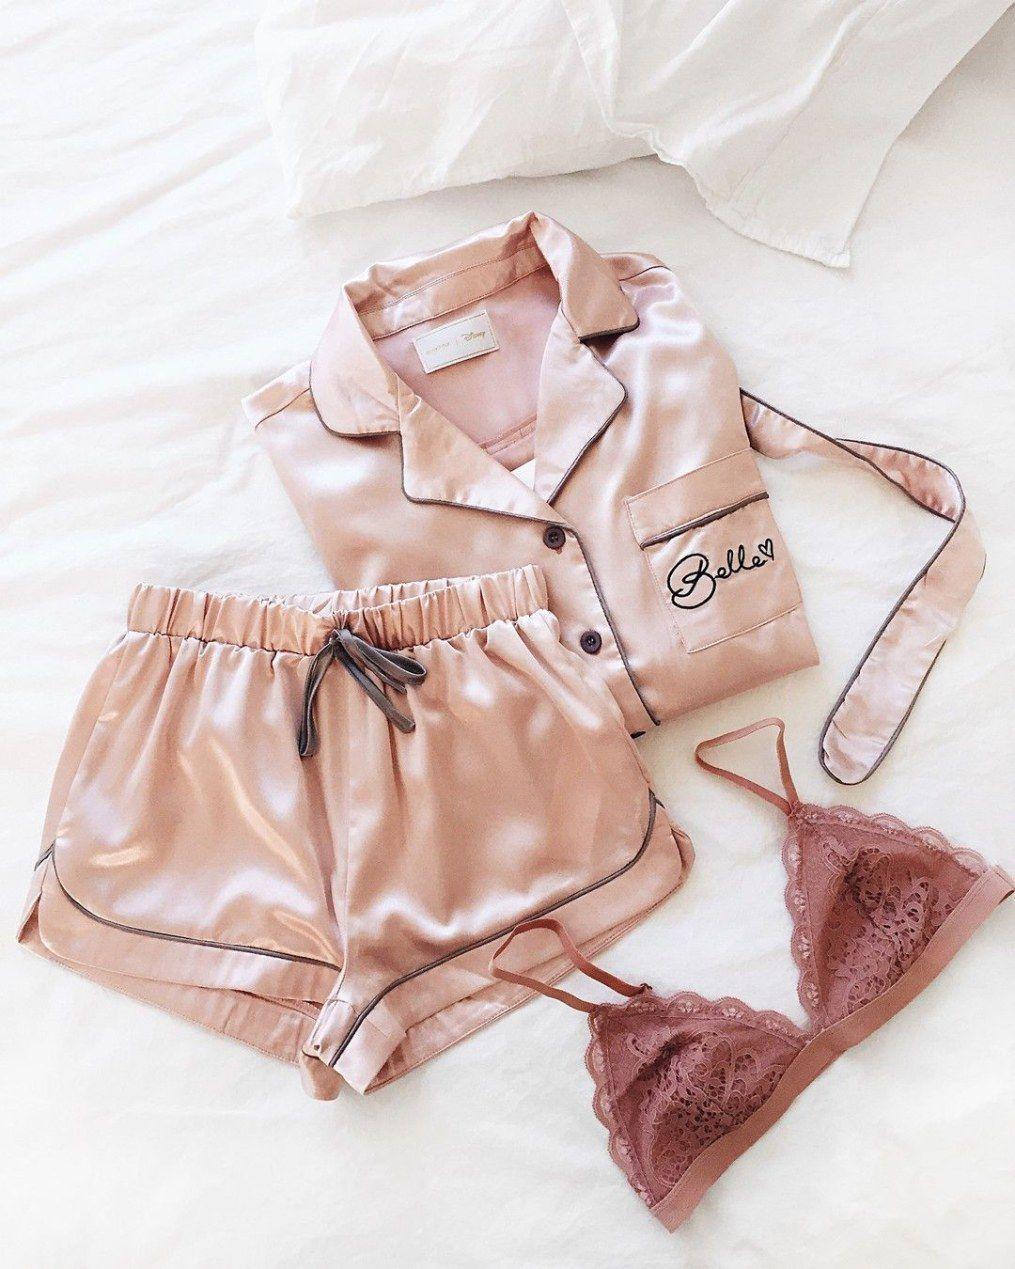 quần áo ngủ - ngủ khỏa thân